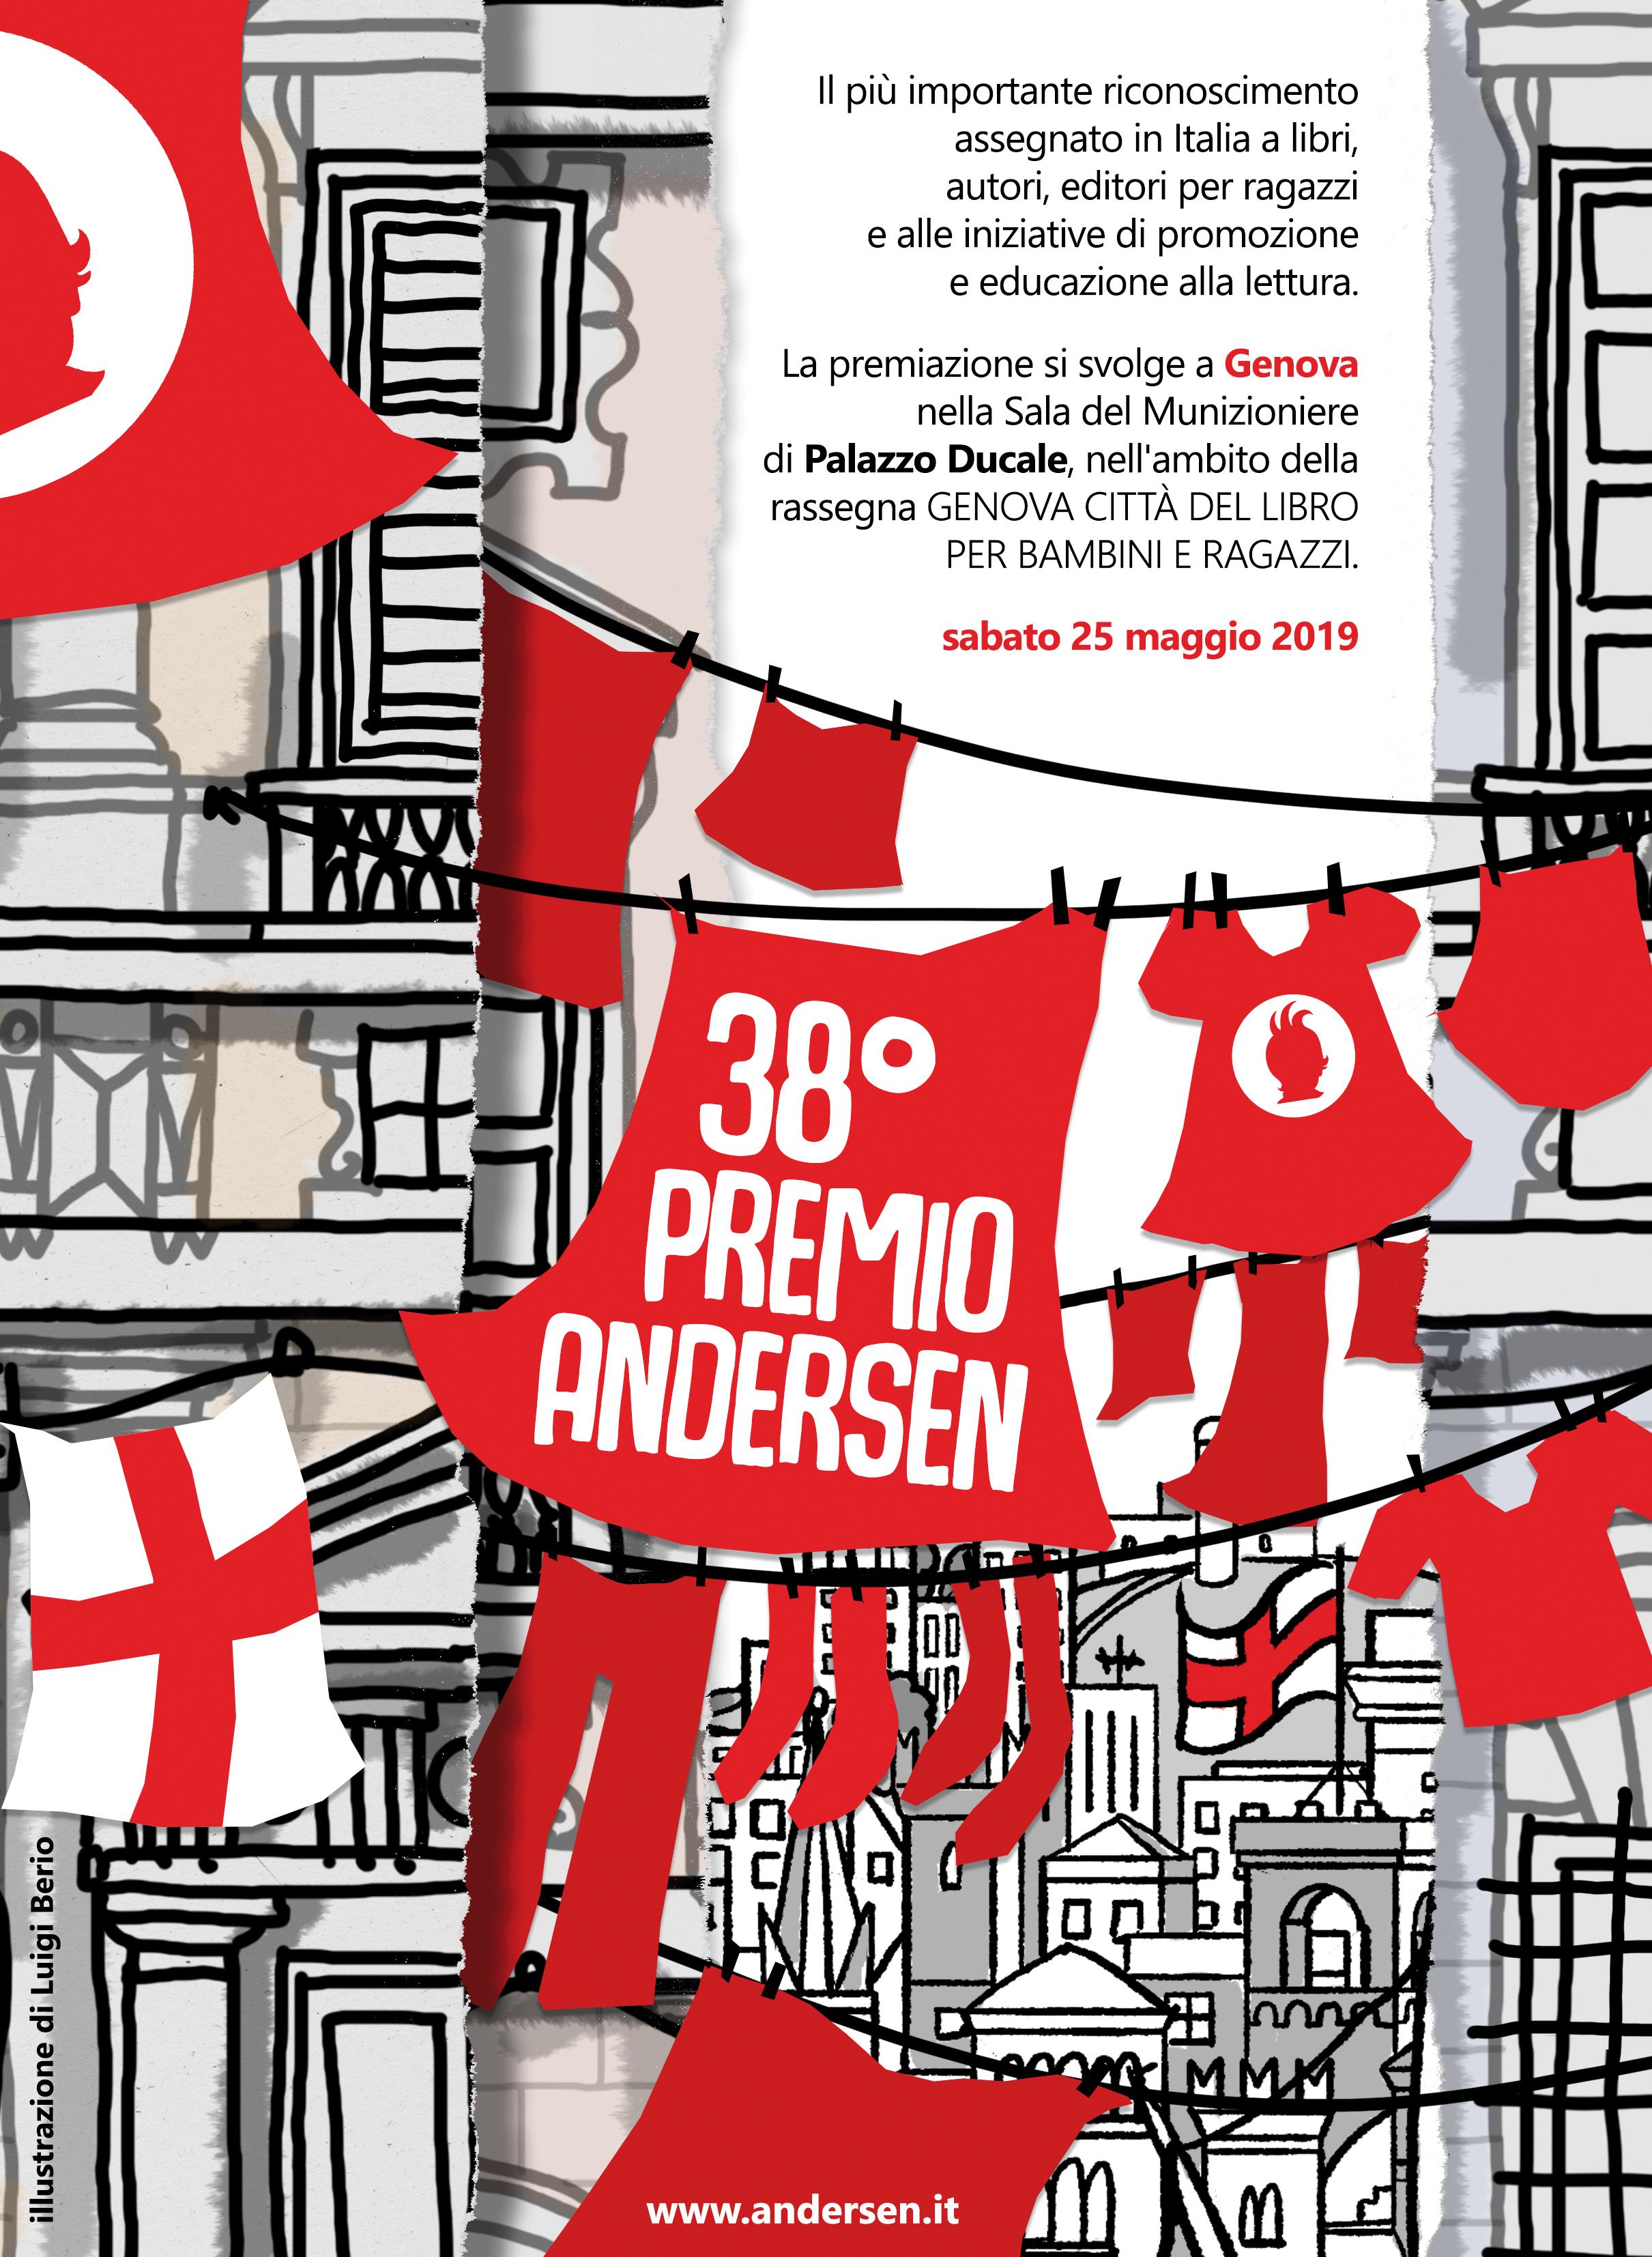 premio andersen 2019 luigi berio